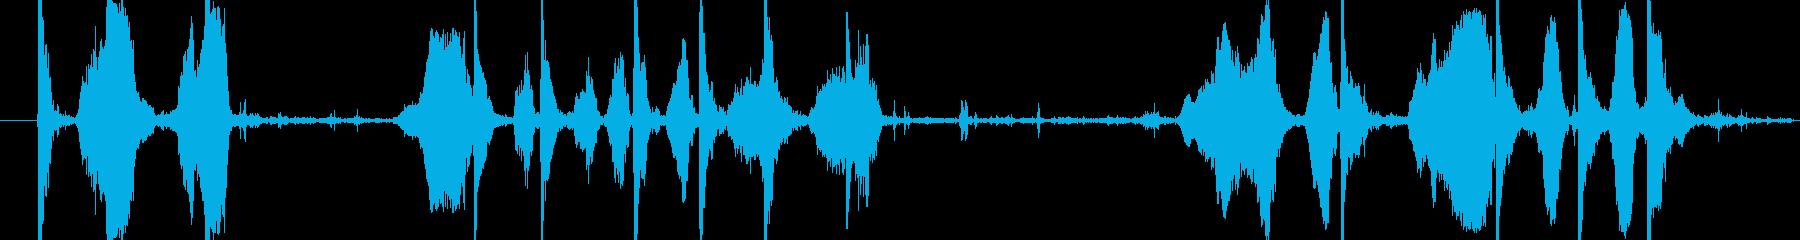 学校の子供たちの演奏の再生済みの波形